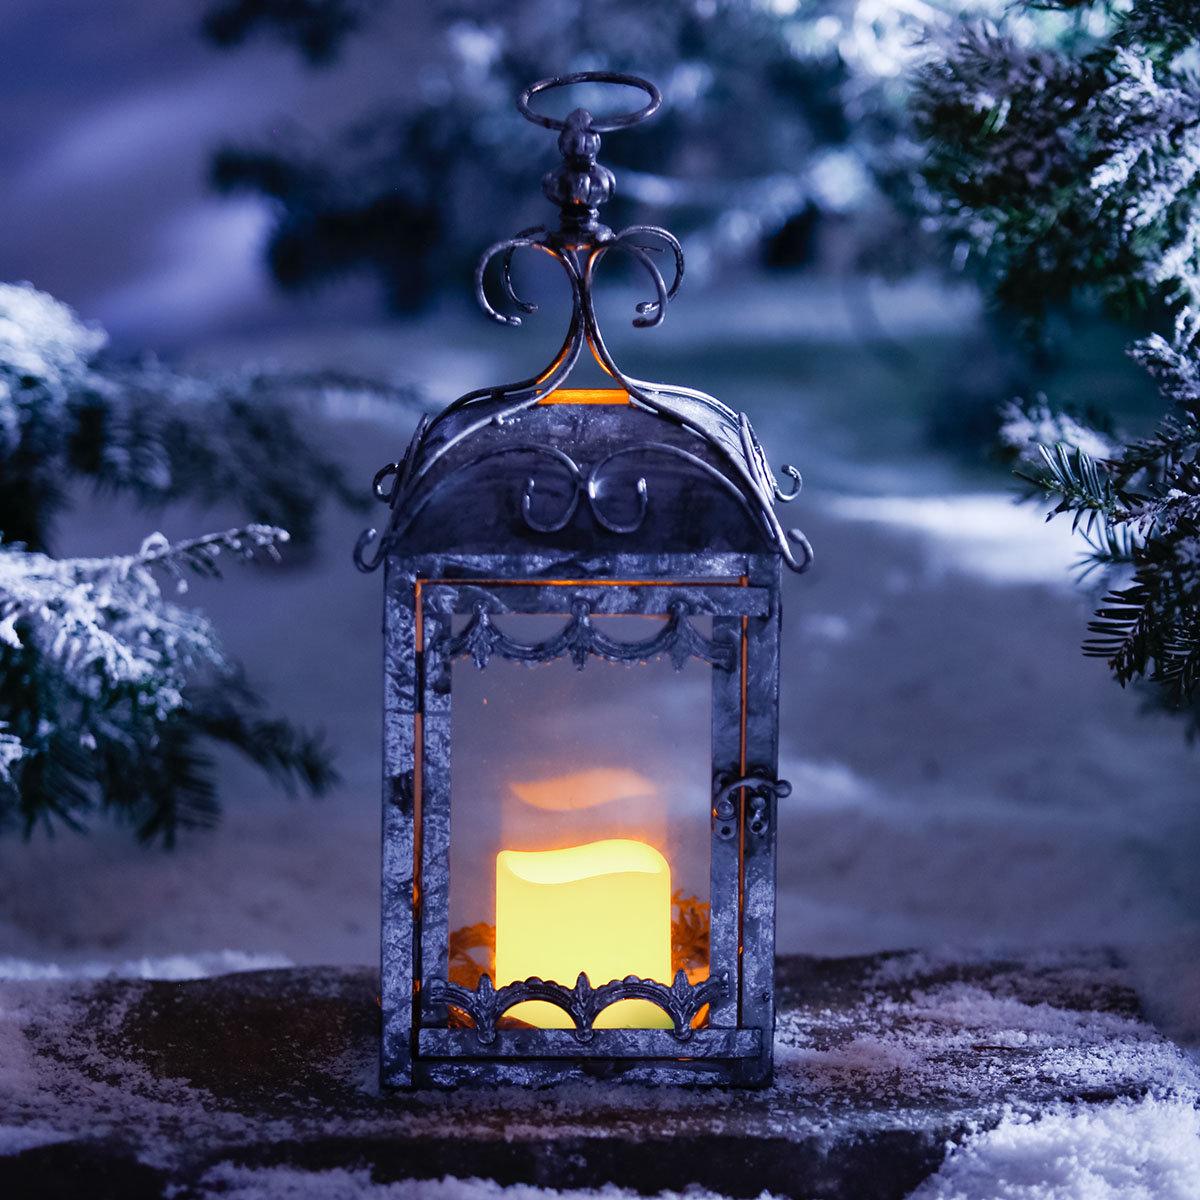 LED-Echtwachskerze Weihnachtszeit, klein